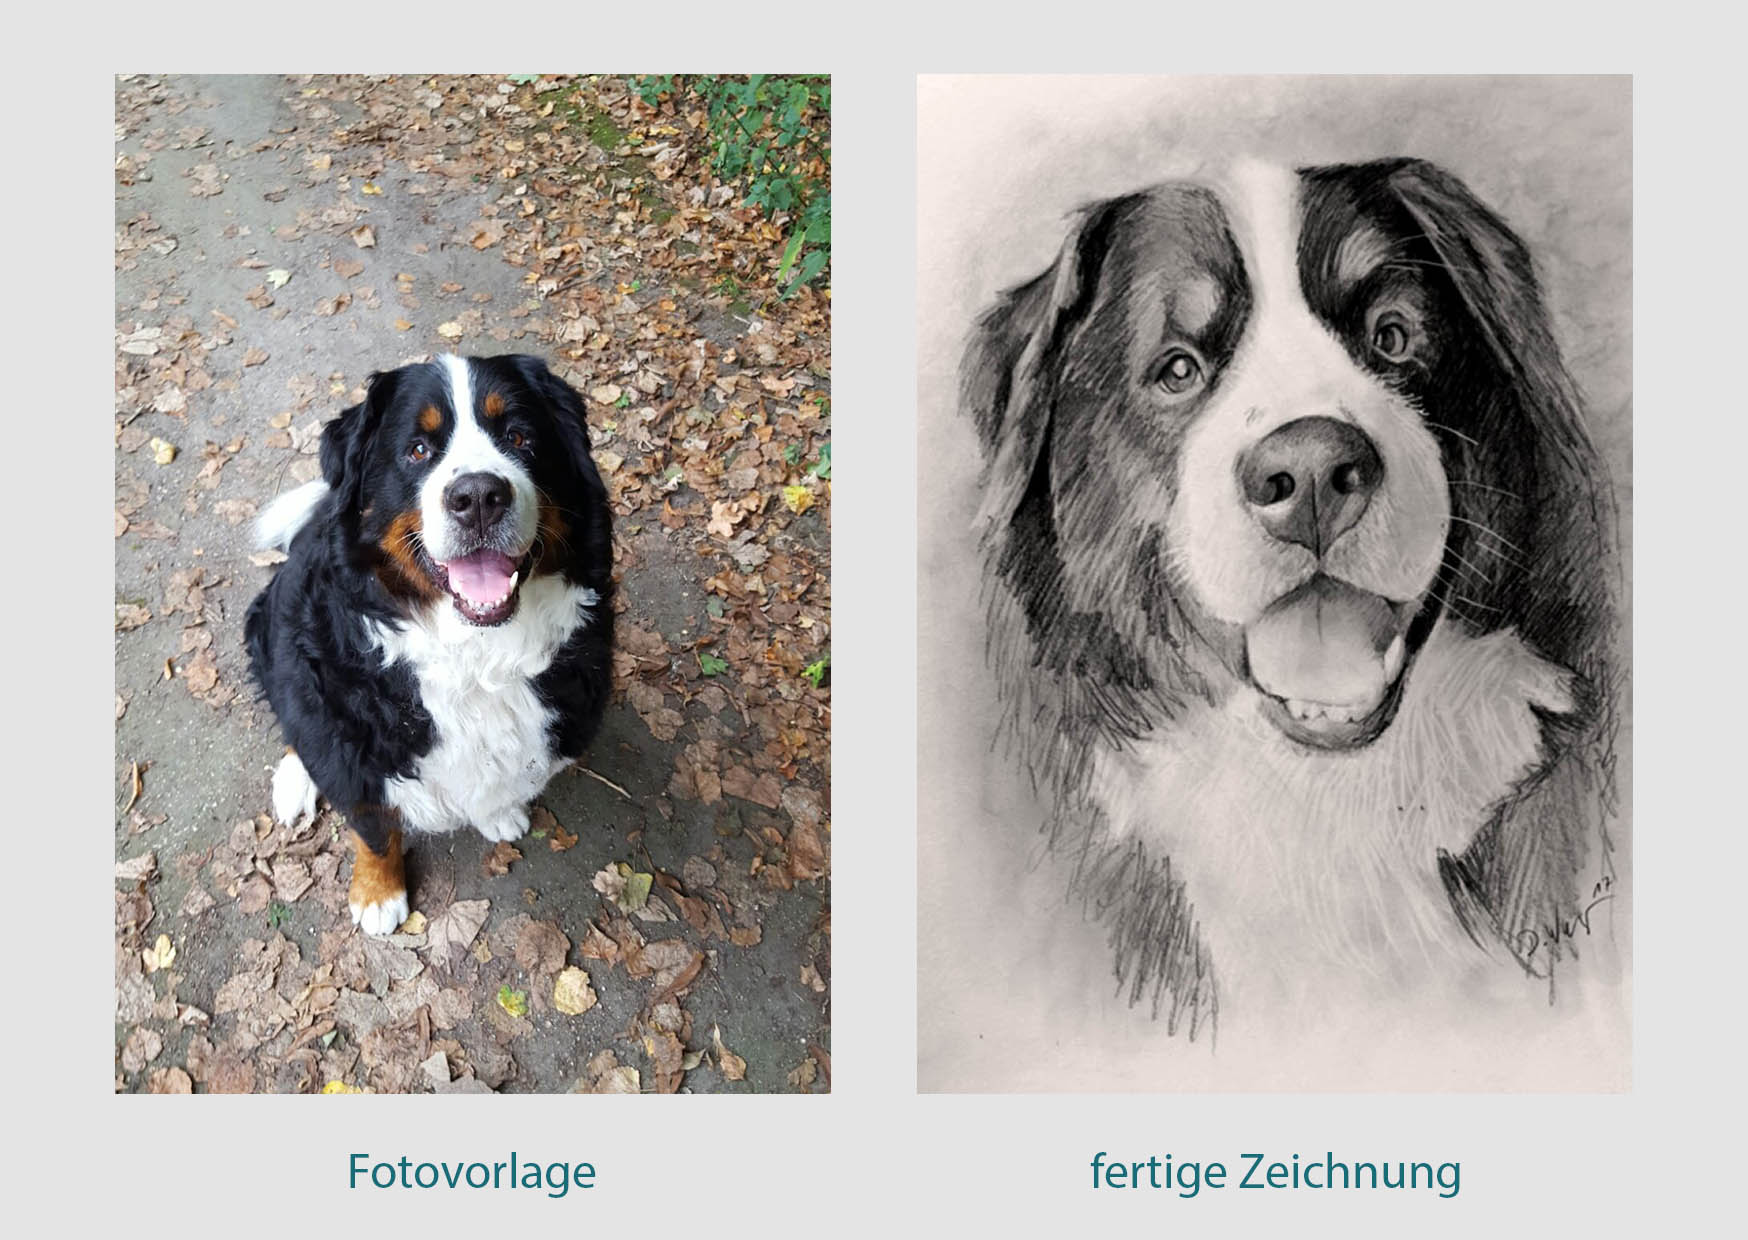 Zeichnung eines Hundes